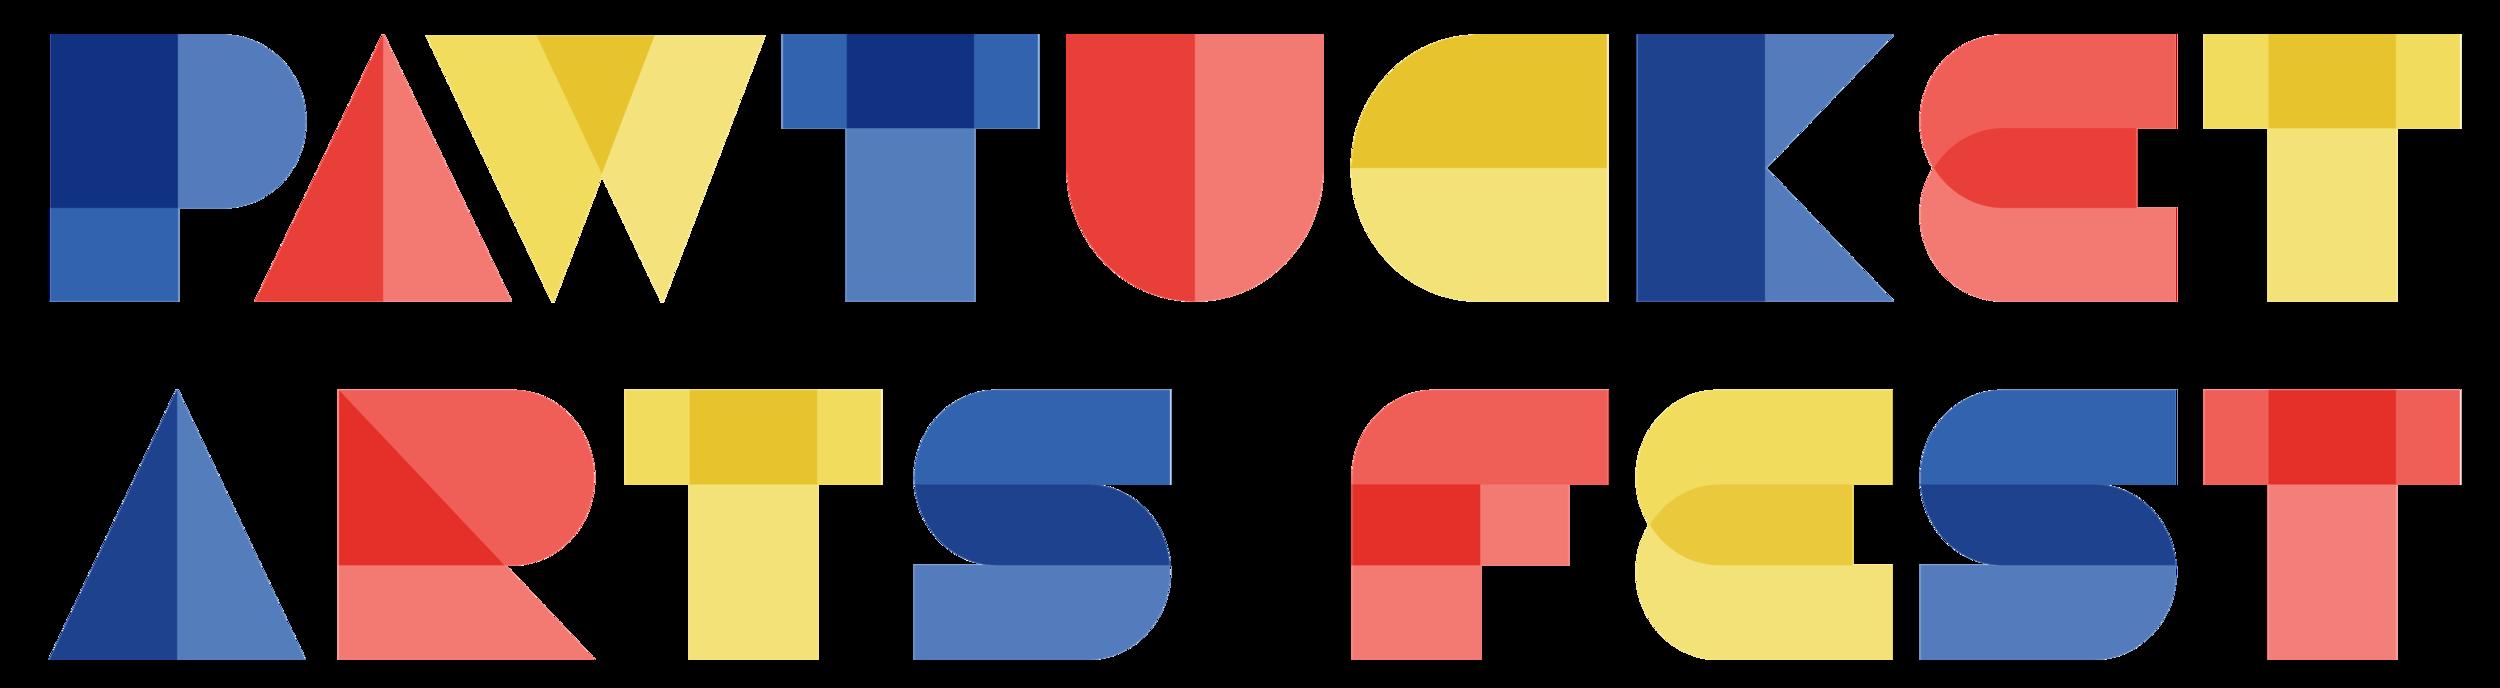 PAF+2018+Logo+-+Final-01.png